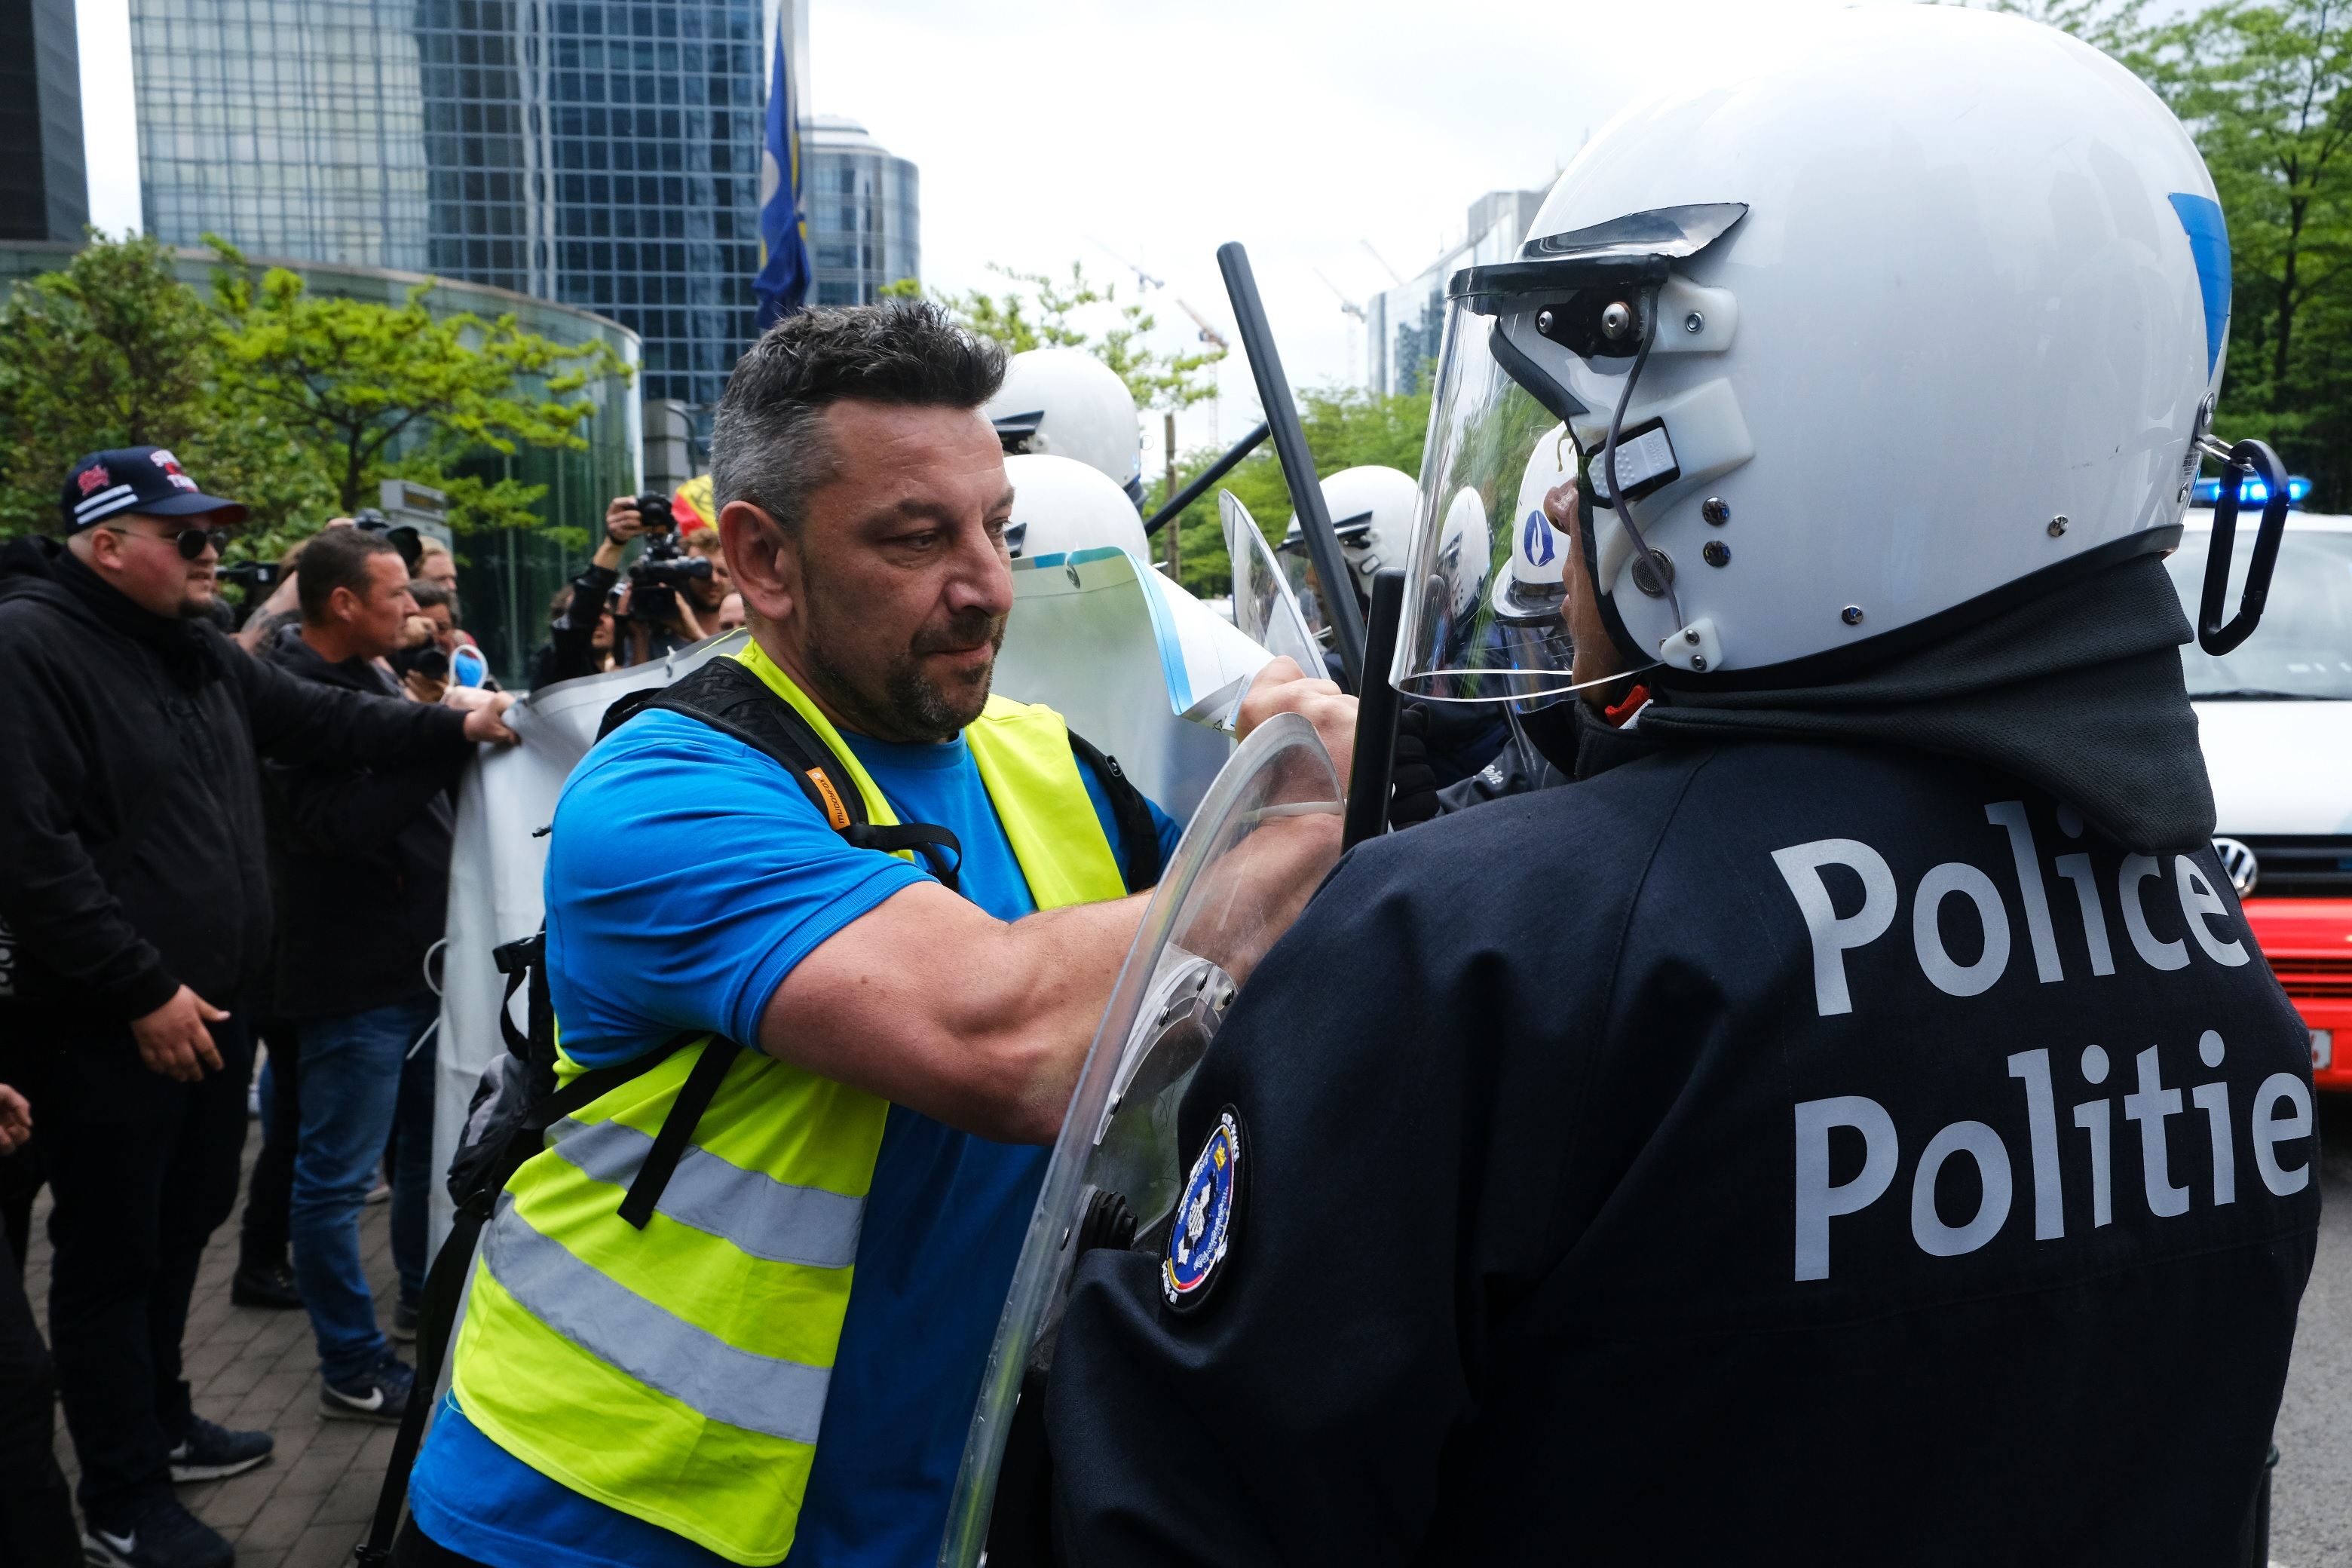 Opnieuw een politieambtenaar slachtoffer van een laffe daad! Waar blijft het concreet initiatief van onze politici?